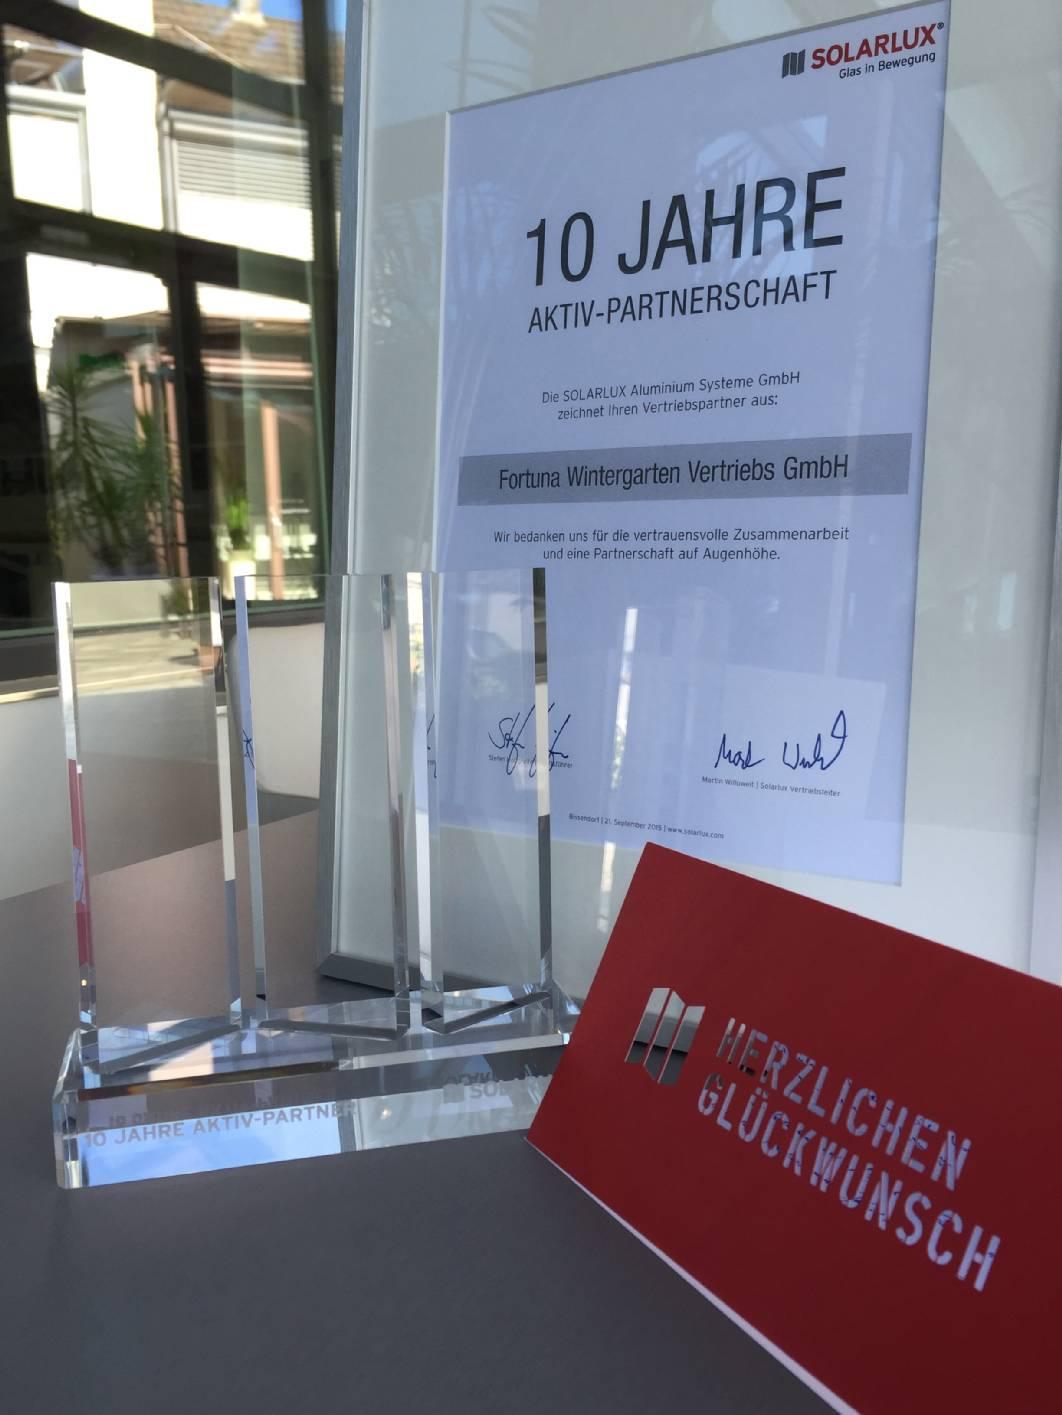 FORTUNA Wintergarten Die Profis aus dem Rheinland - Solarlux ...